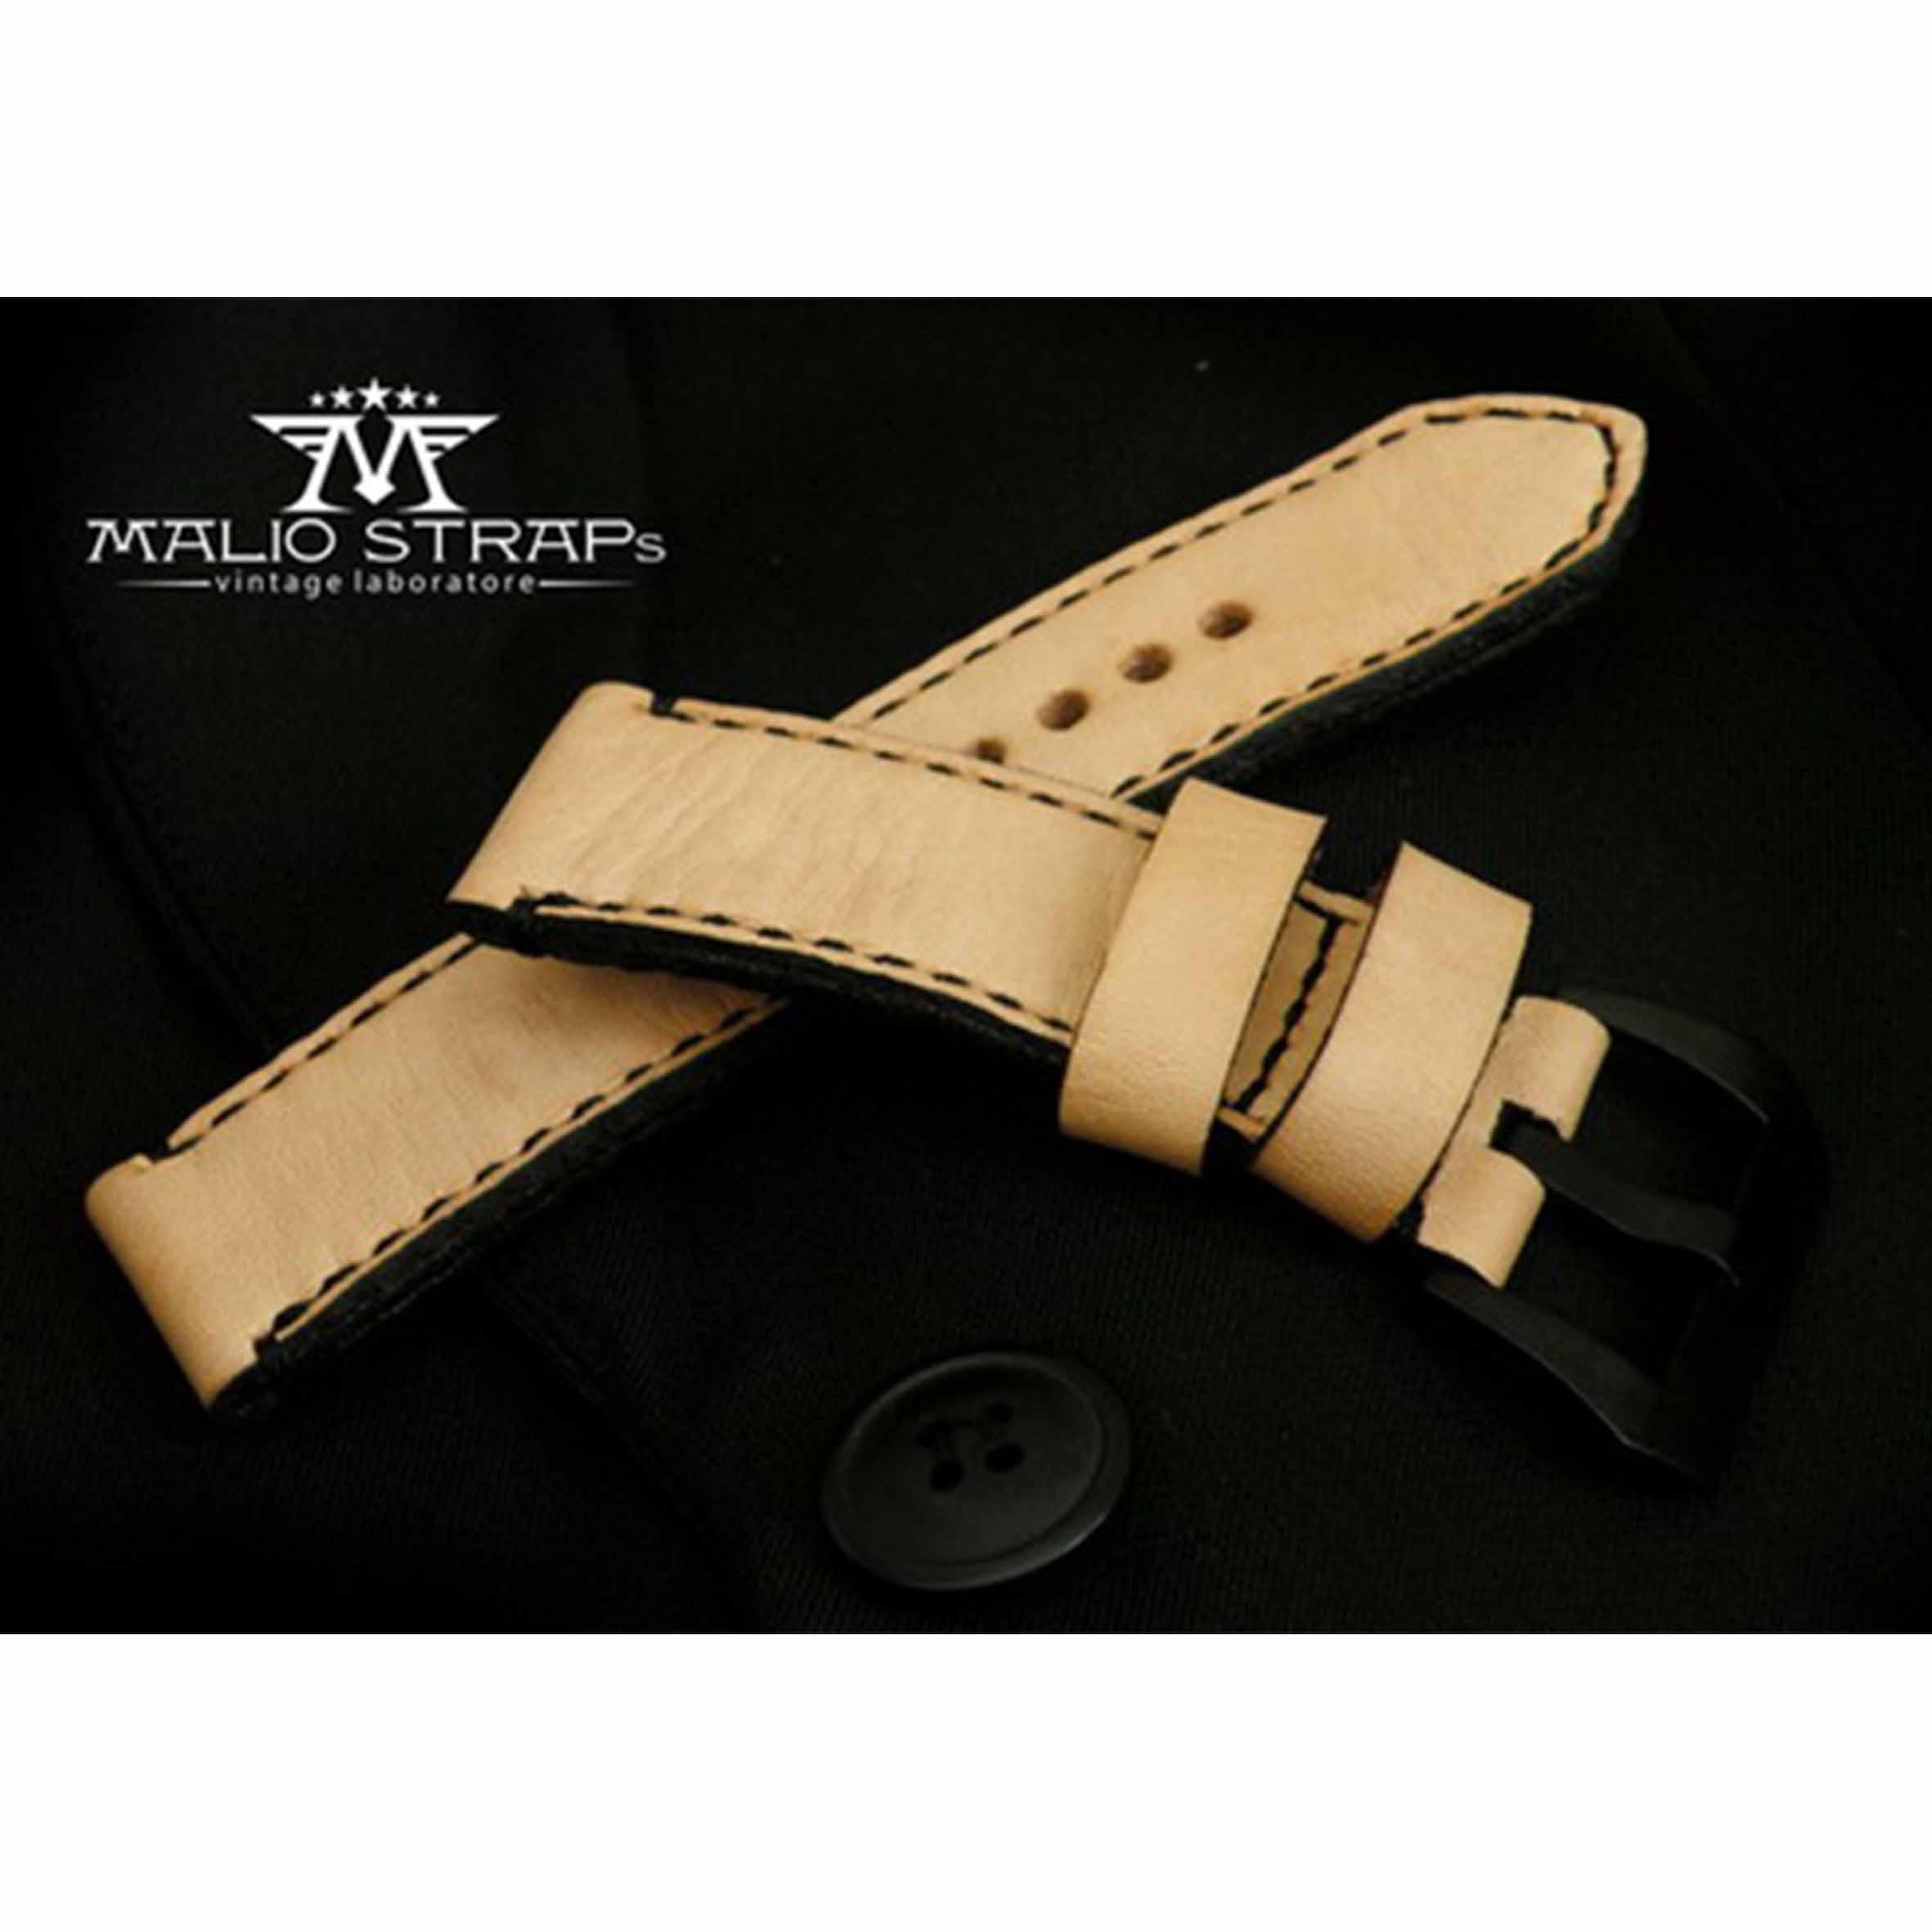 malio-straps-albino-strapsonly (1)